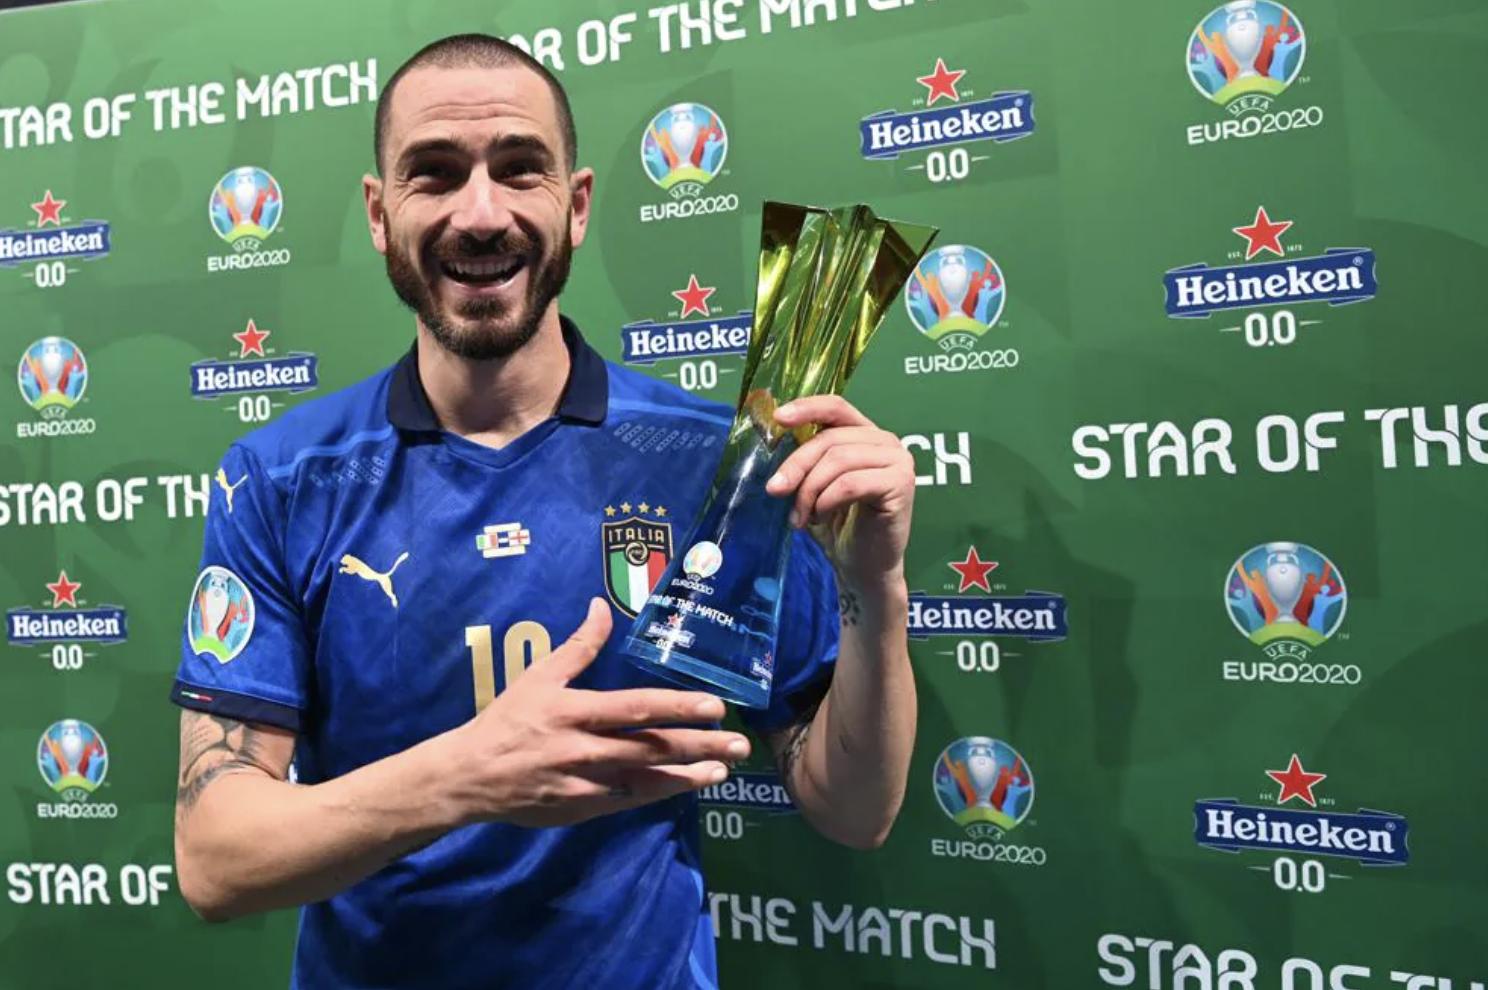 Bek tengah Bonucci dengan penghargaan sebagai pemain terbaik di final Euro 2021. Foto: UEFA